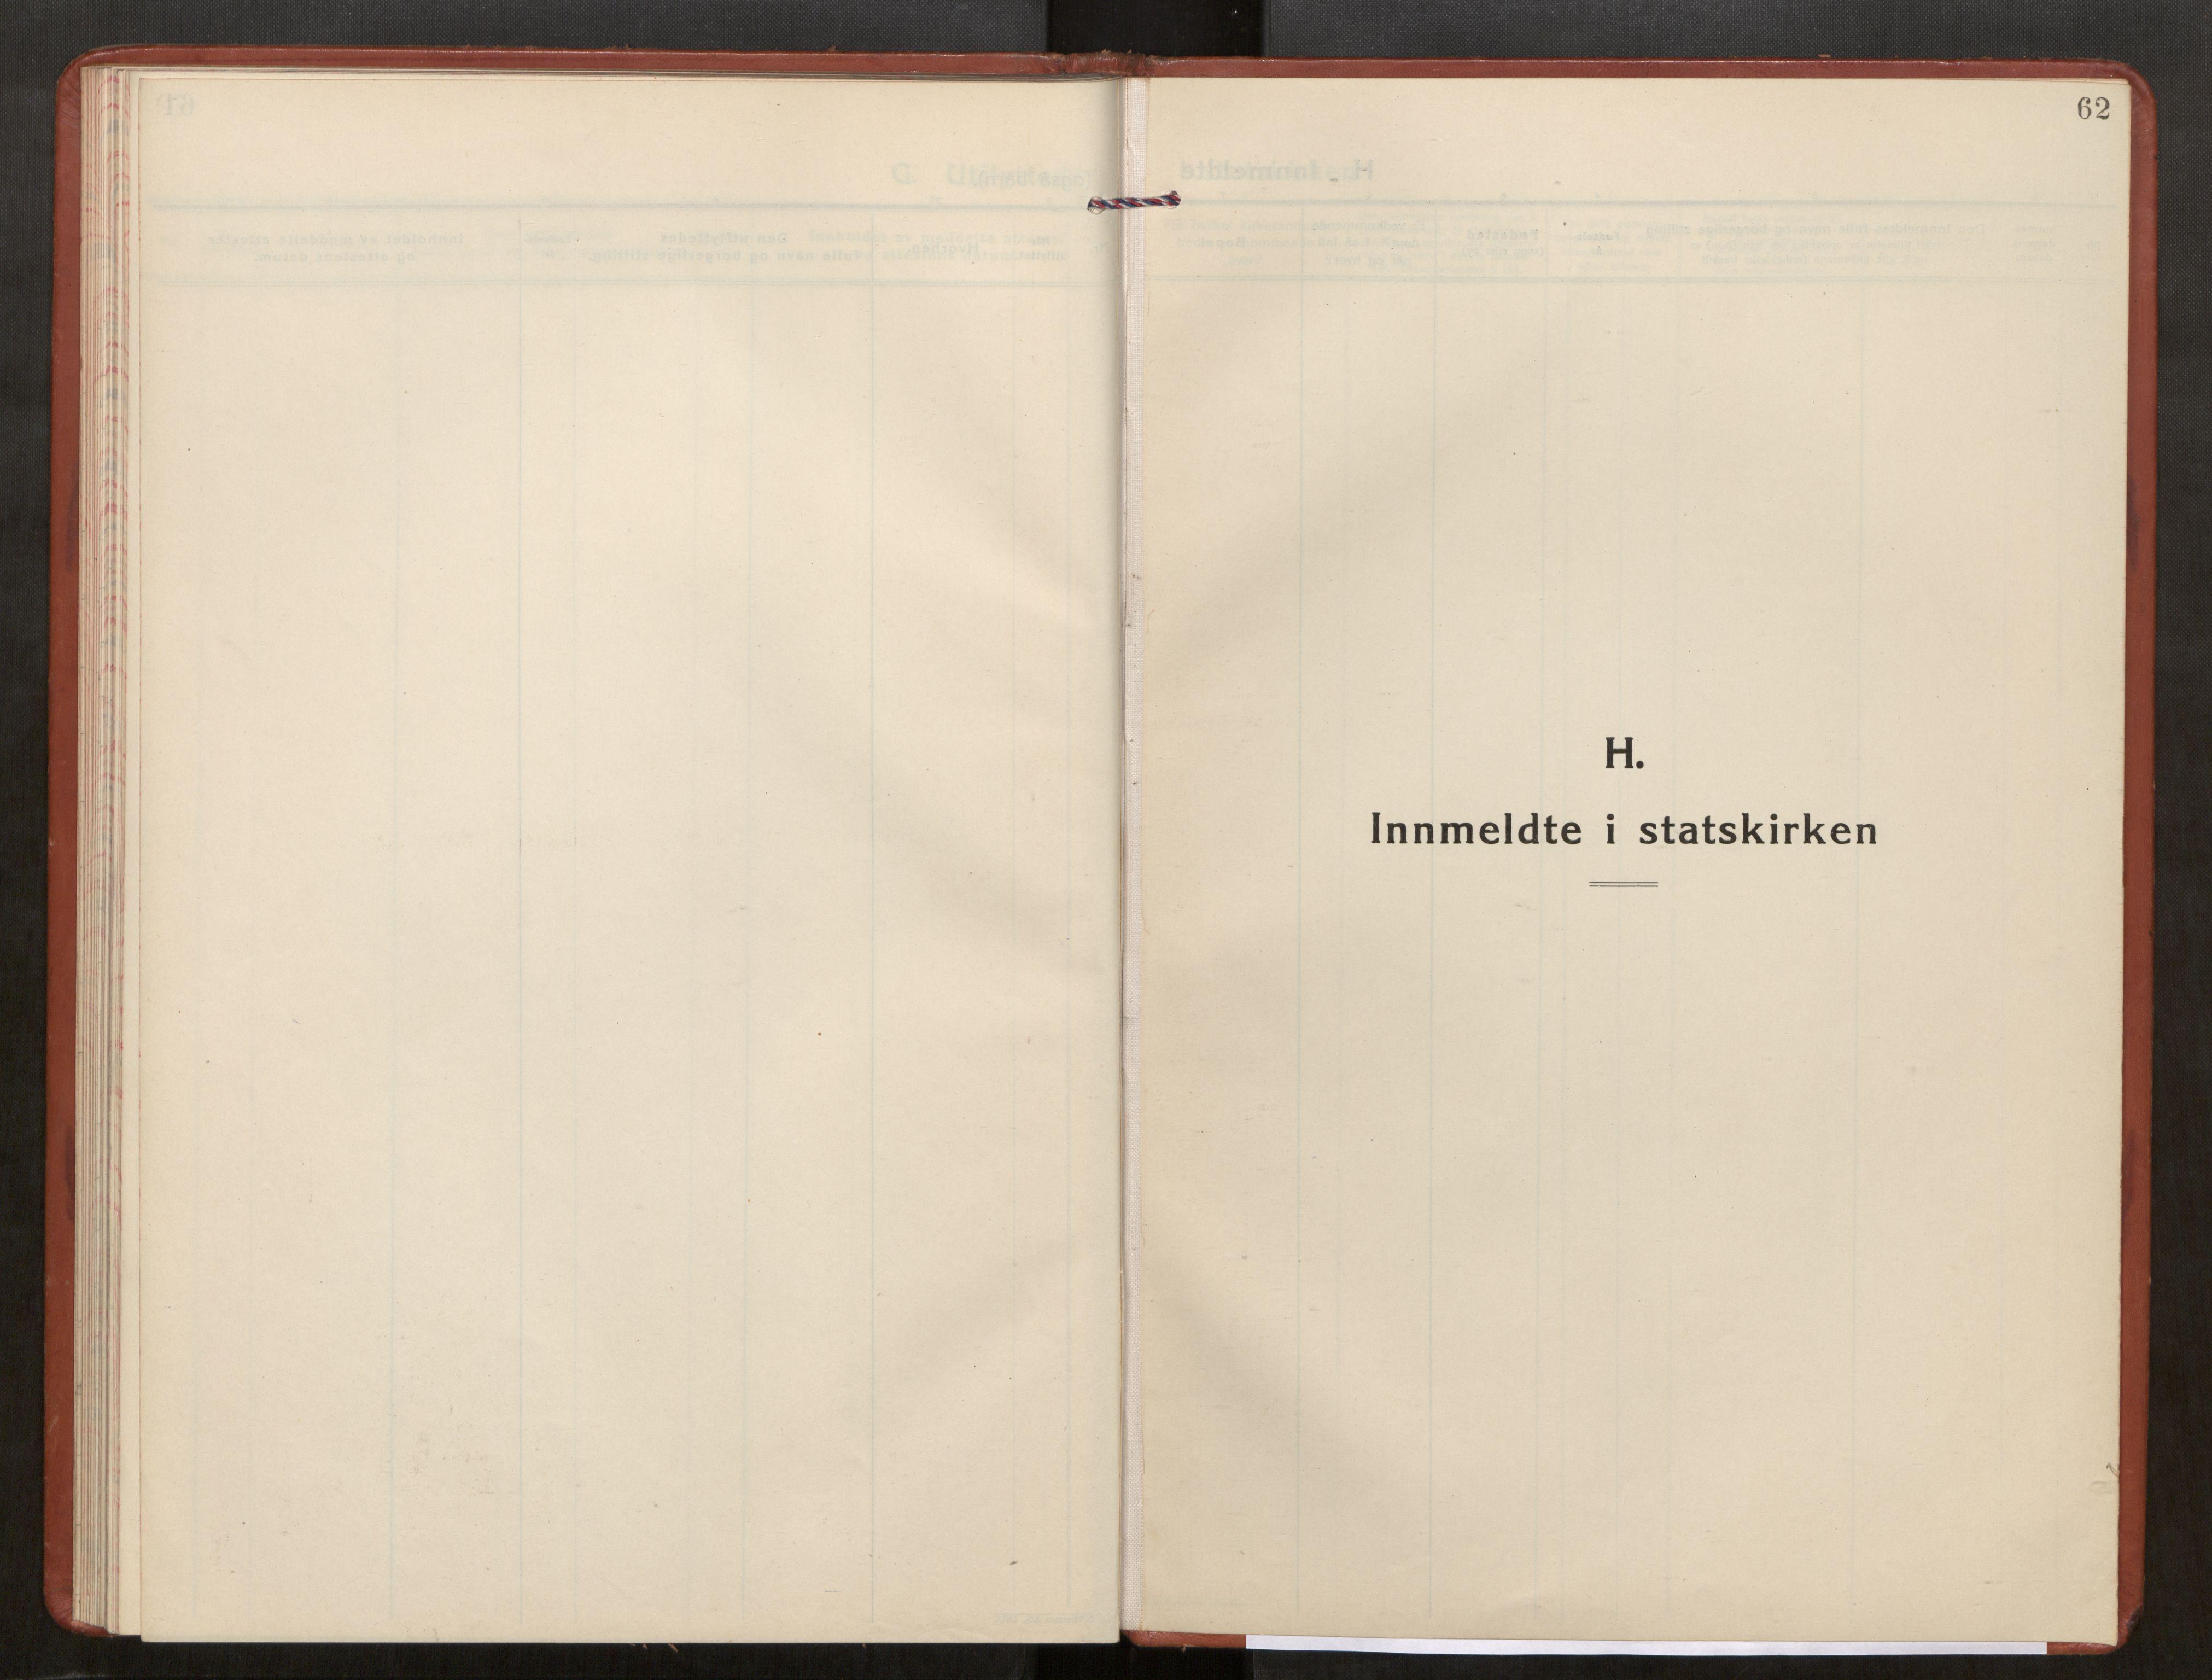 SAT, Kolvereid sokneprestkontor, H/Ha/Haa/L0003: Parish register (official) no. 3, 1927-1935, p. 62